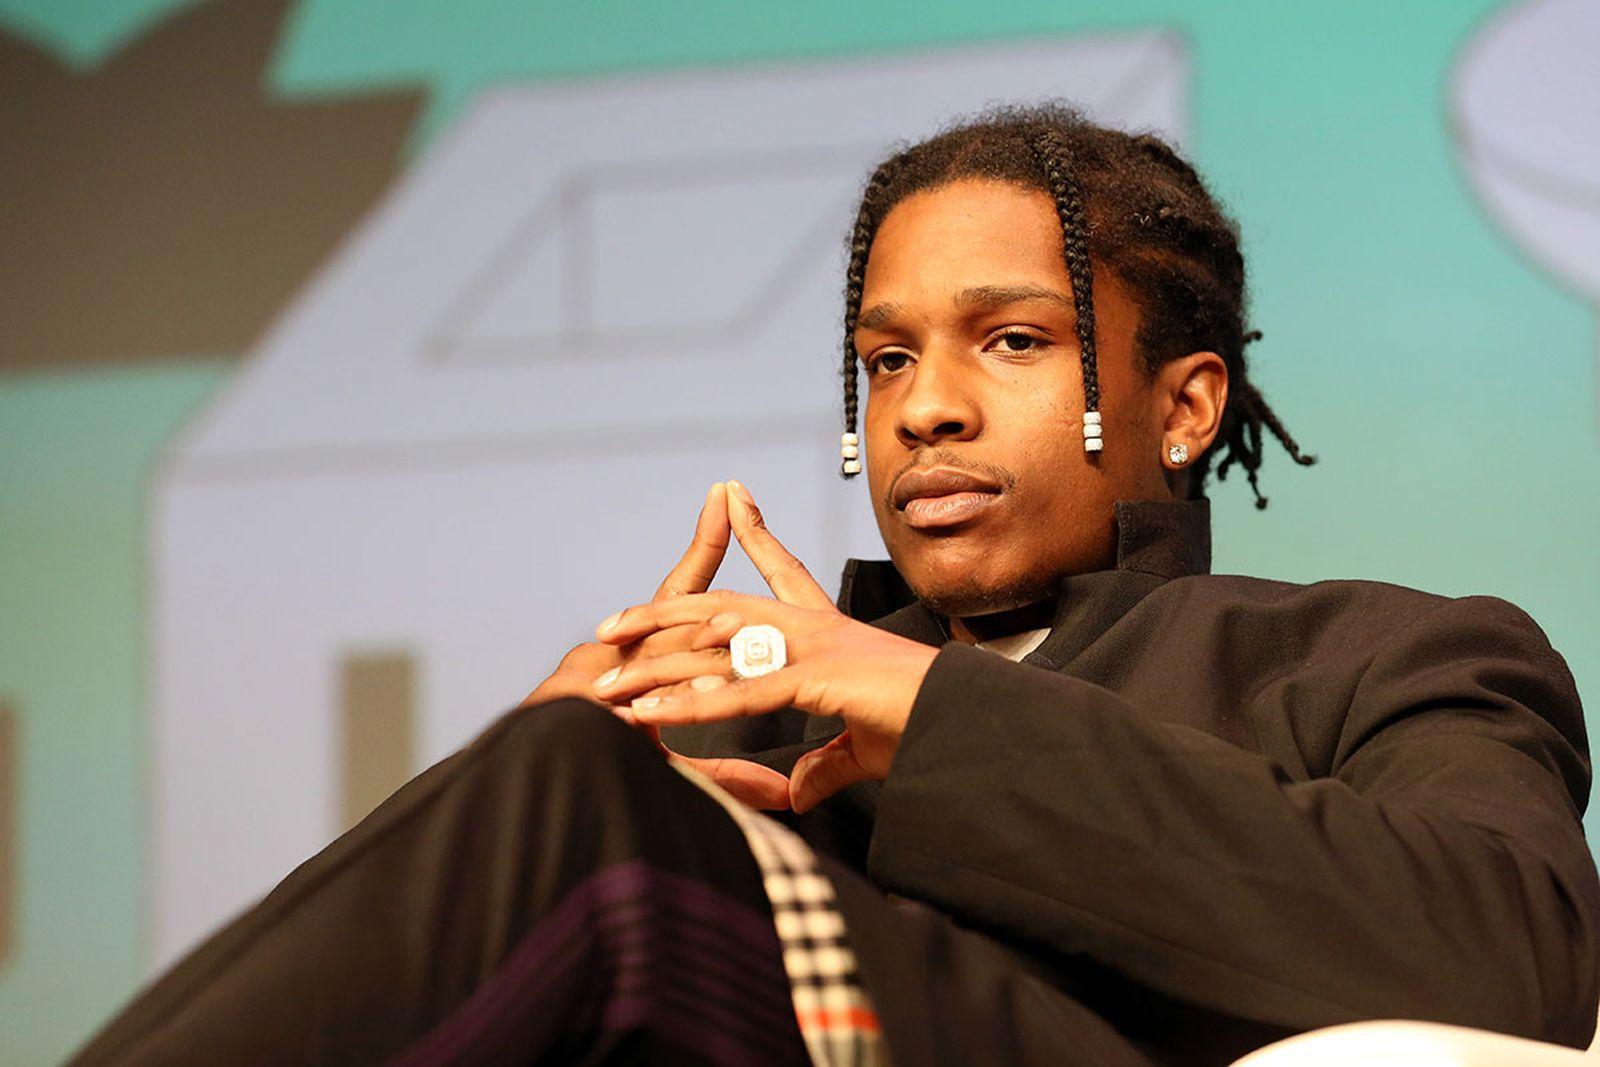 asap rocky sentence extended A$AP Rocky